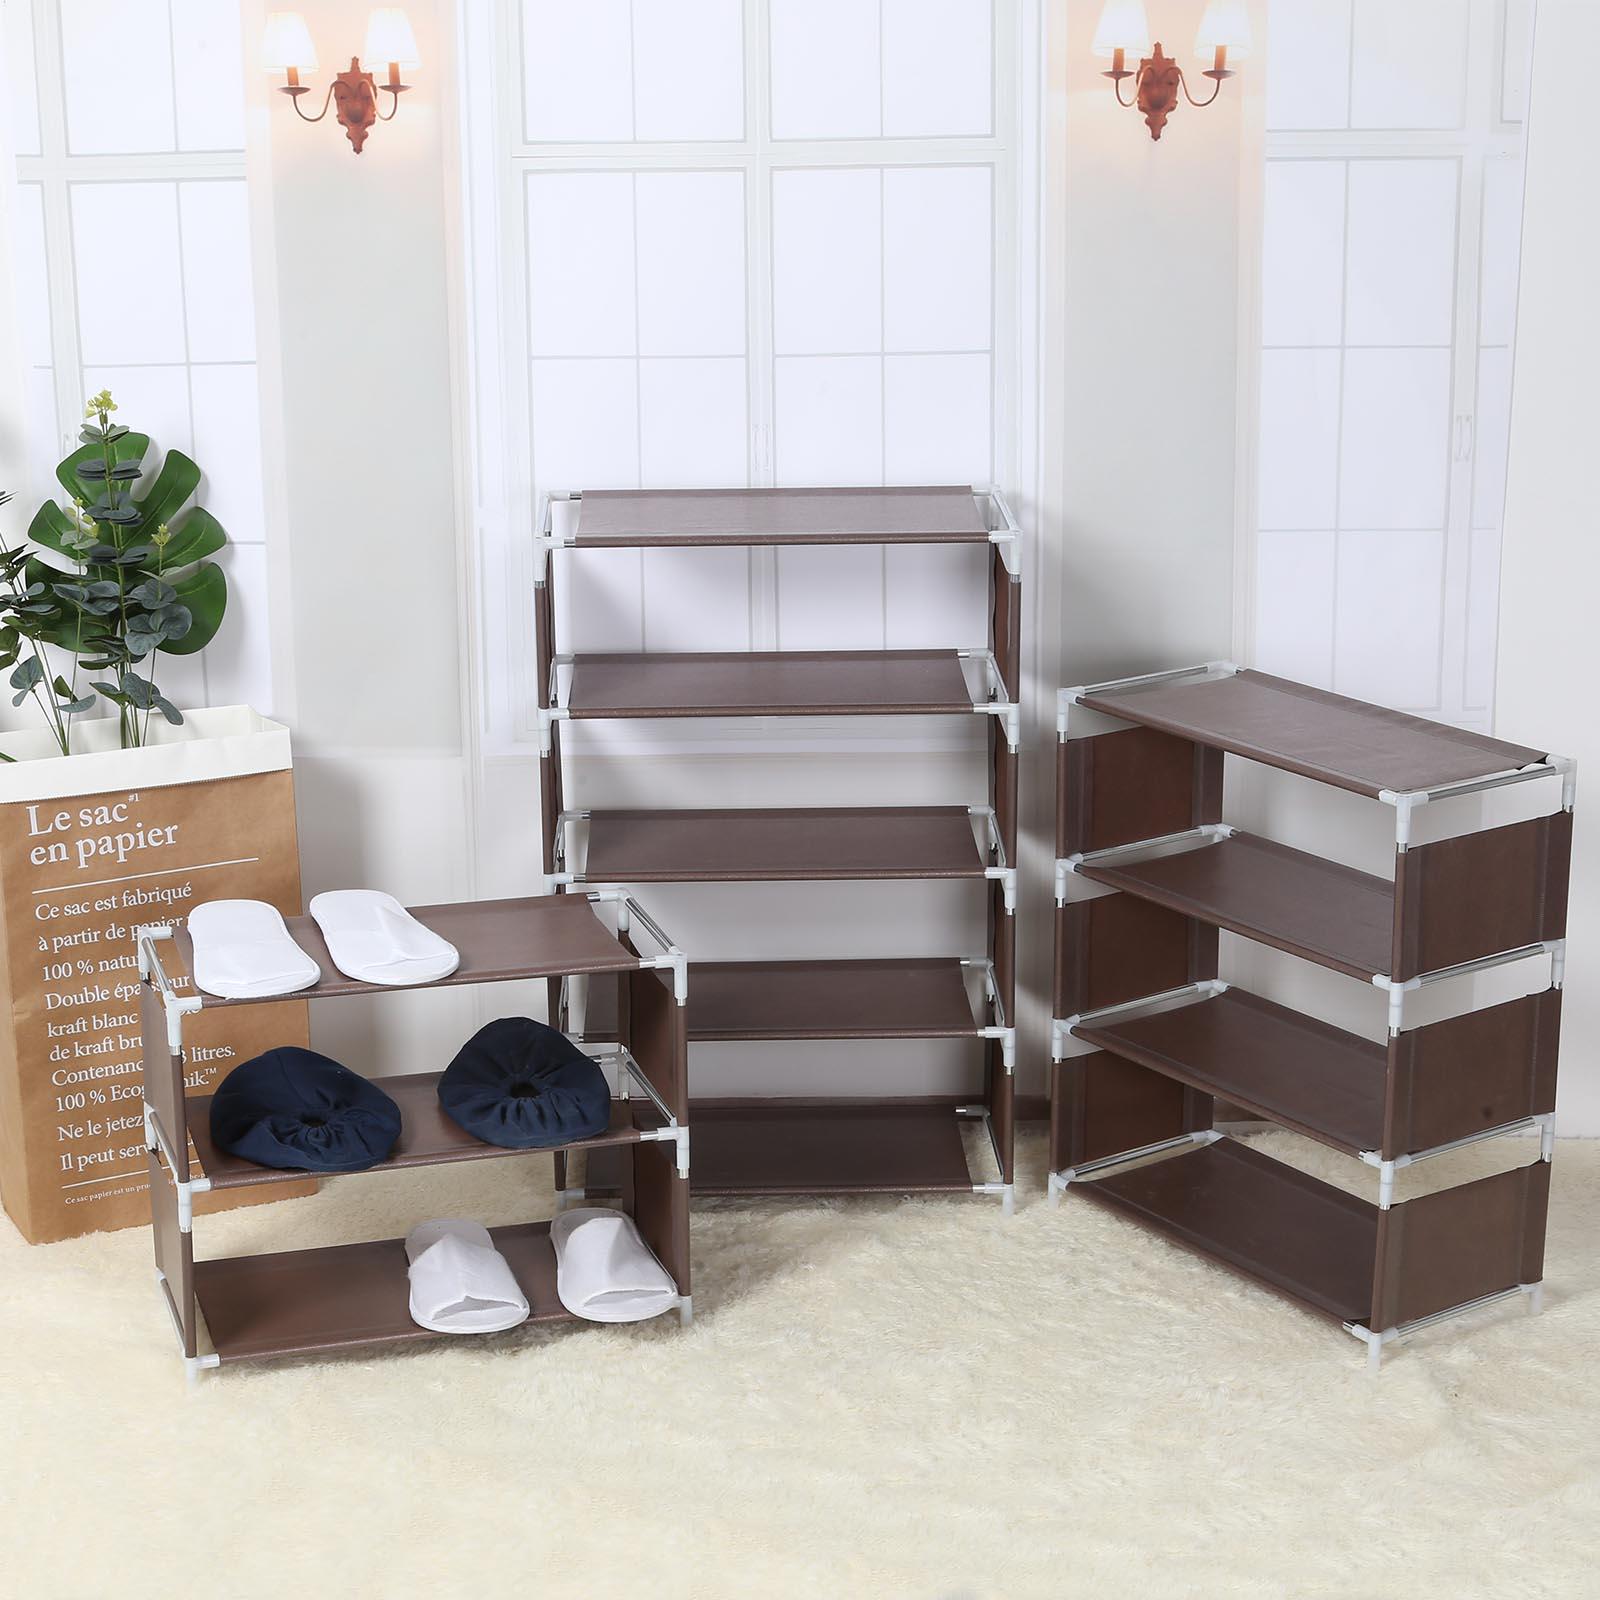 متعددة الوظائف 5 طبقات رف الأحذية بسيطة وضع رف الحذاء غرفة نوم الحديثة تخزين الصلبة حامل رفوف الأحذية المعيشة المنظم